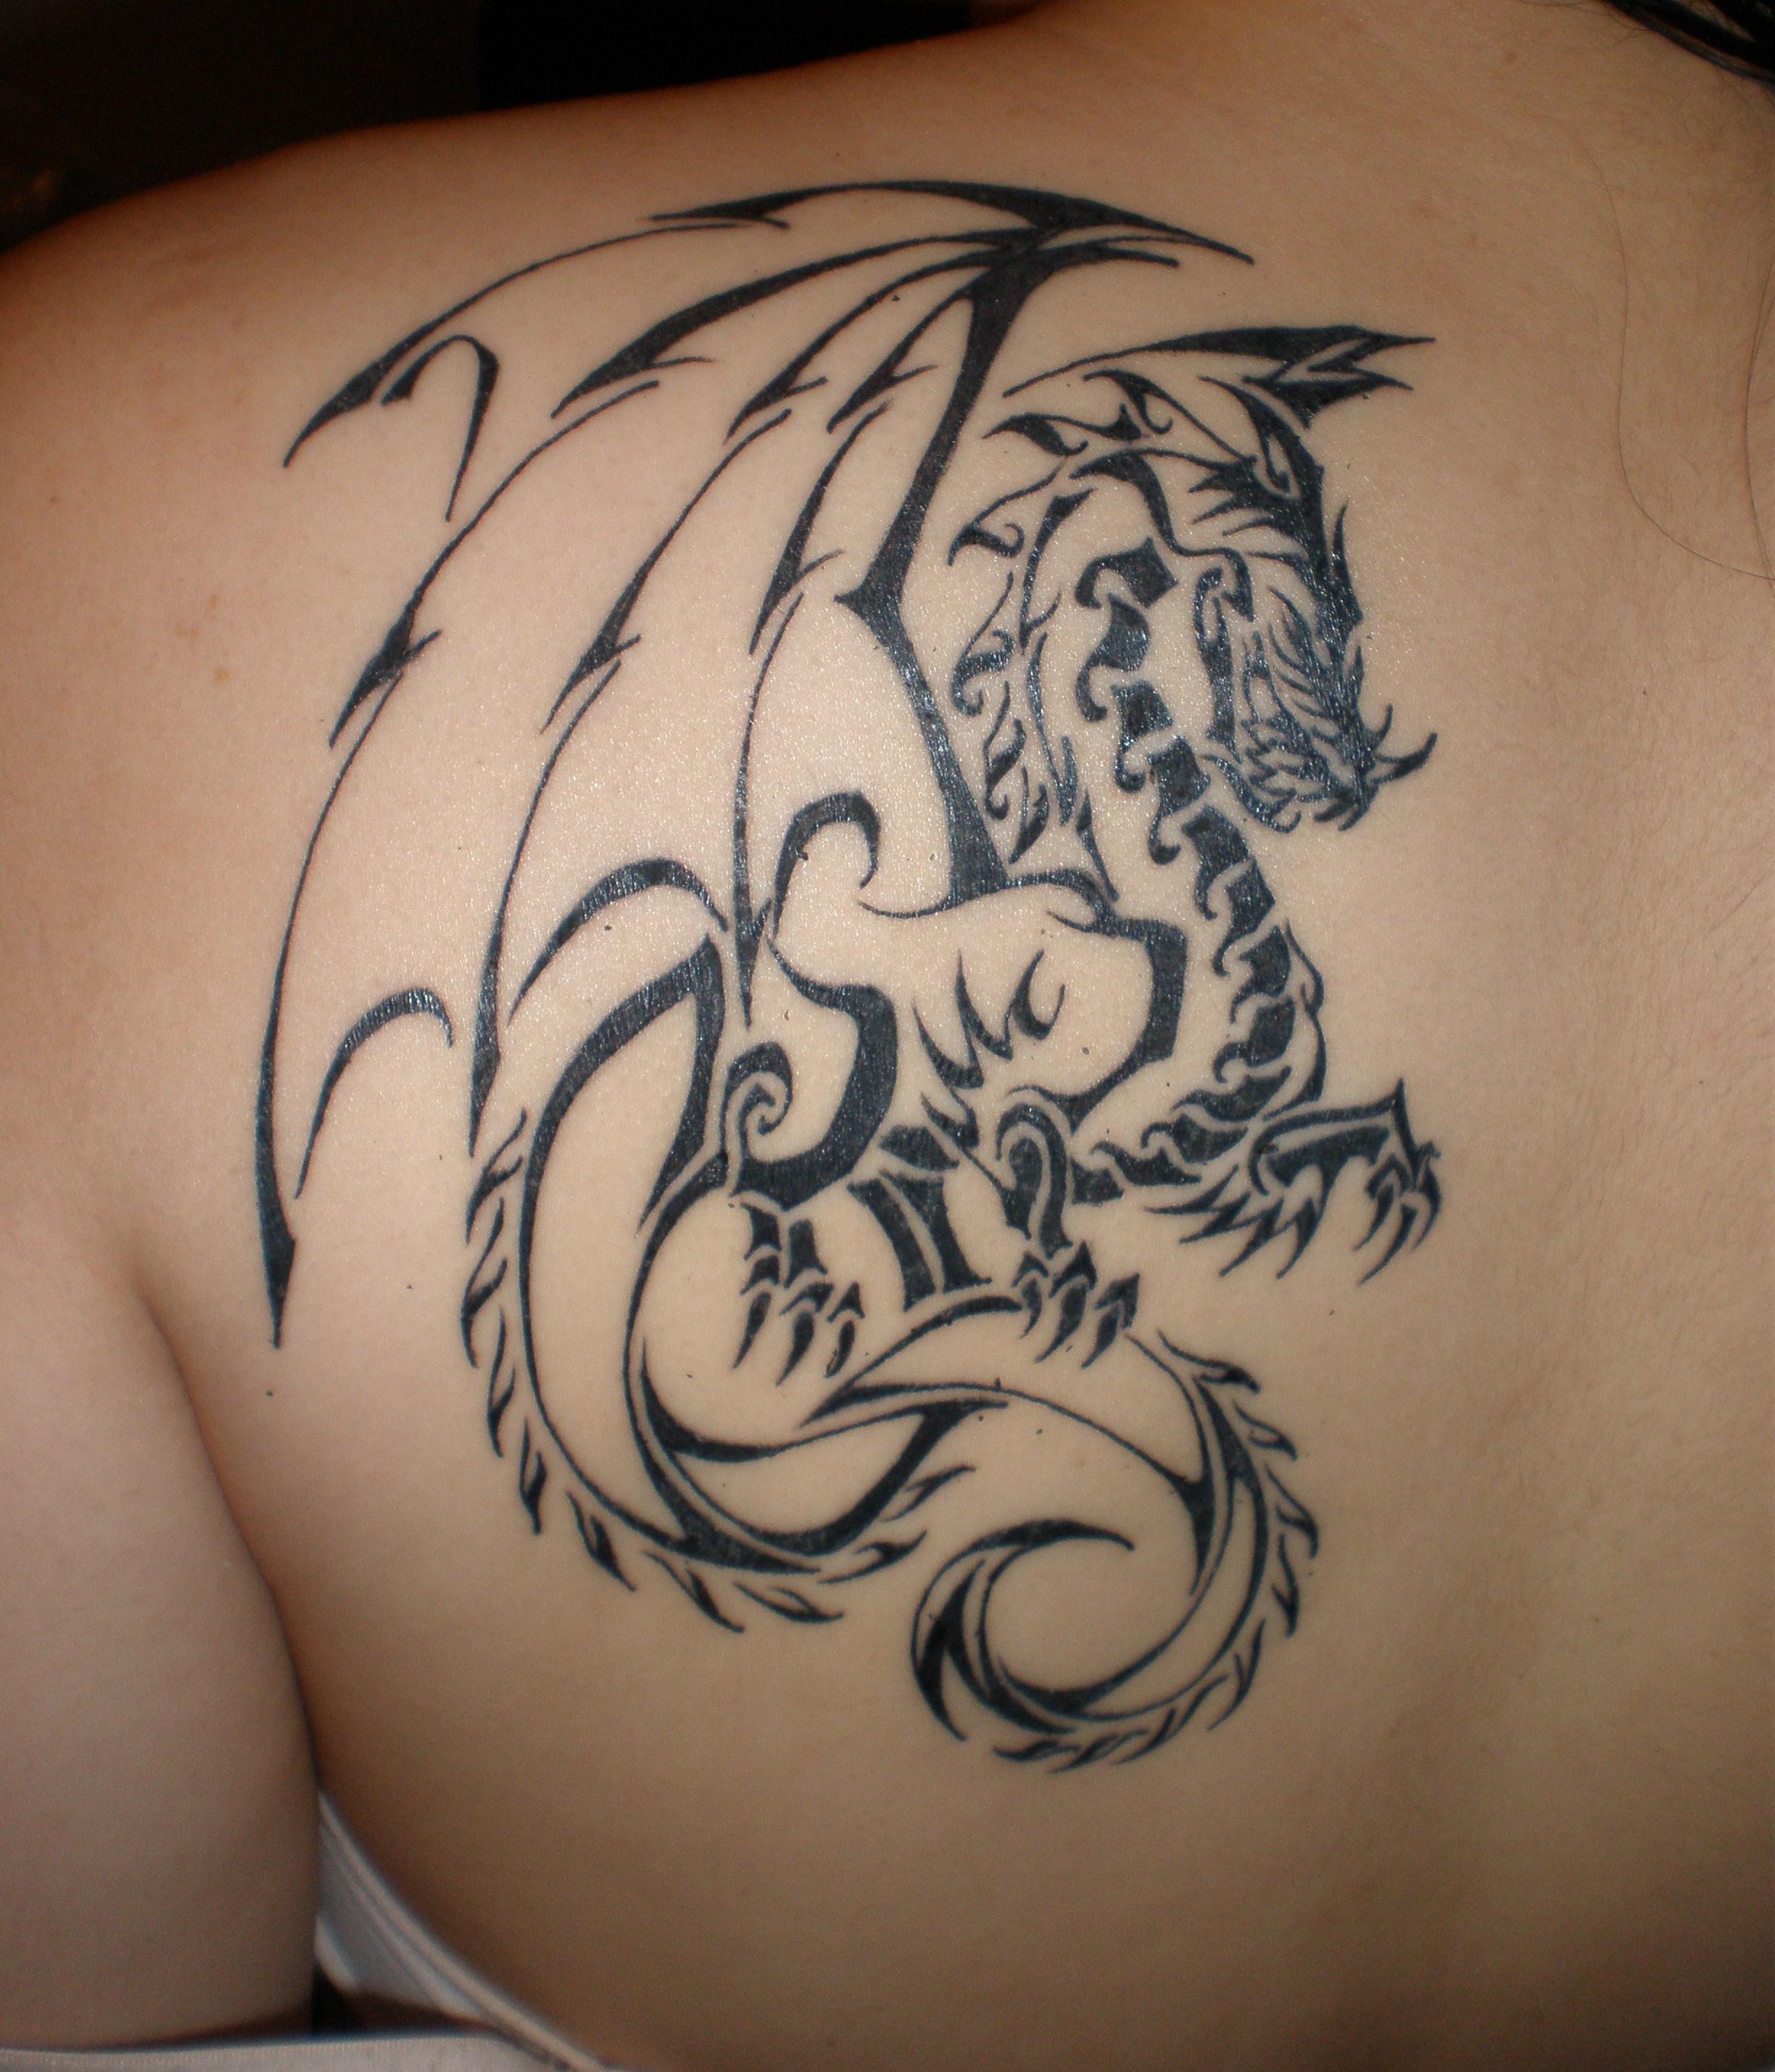 devil wings dragon tattoo on back for girls. Black Bedroom Furniture Sets. Home Design Ideas